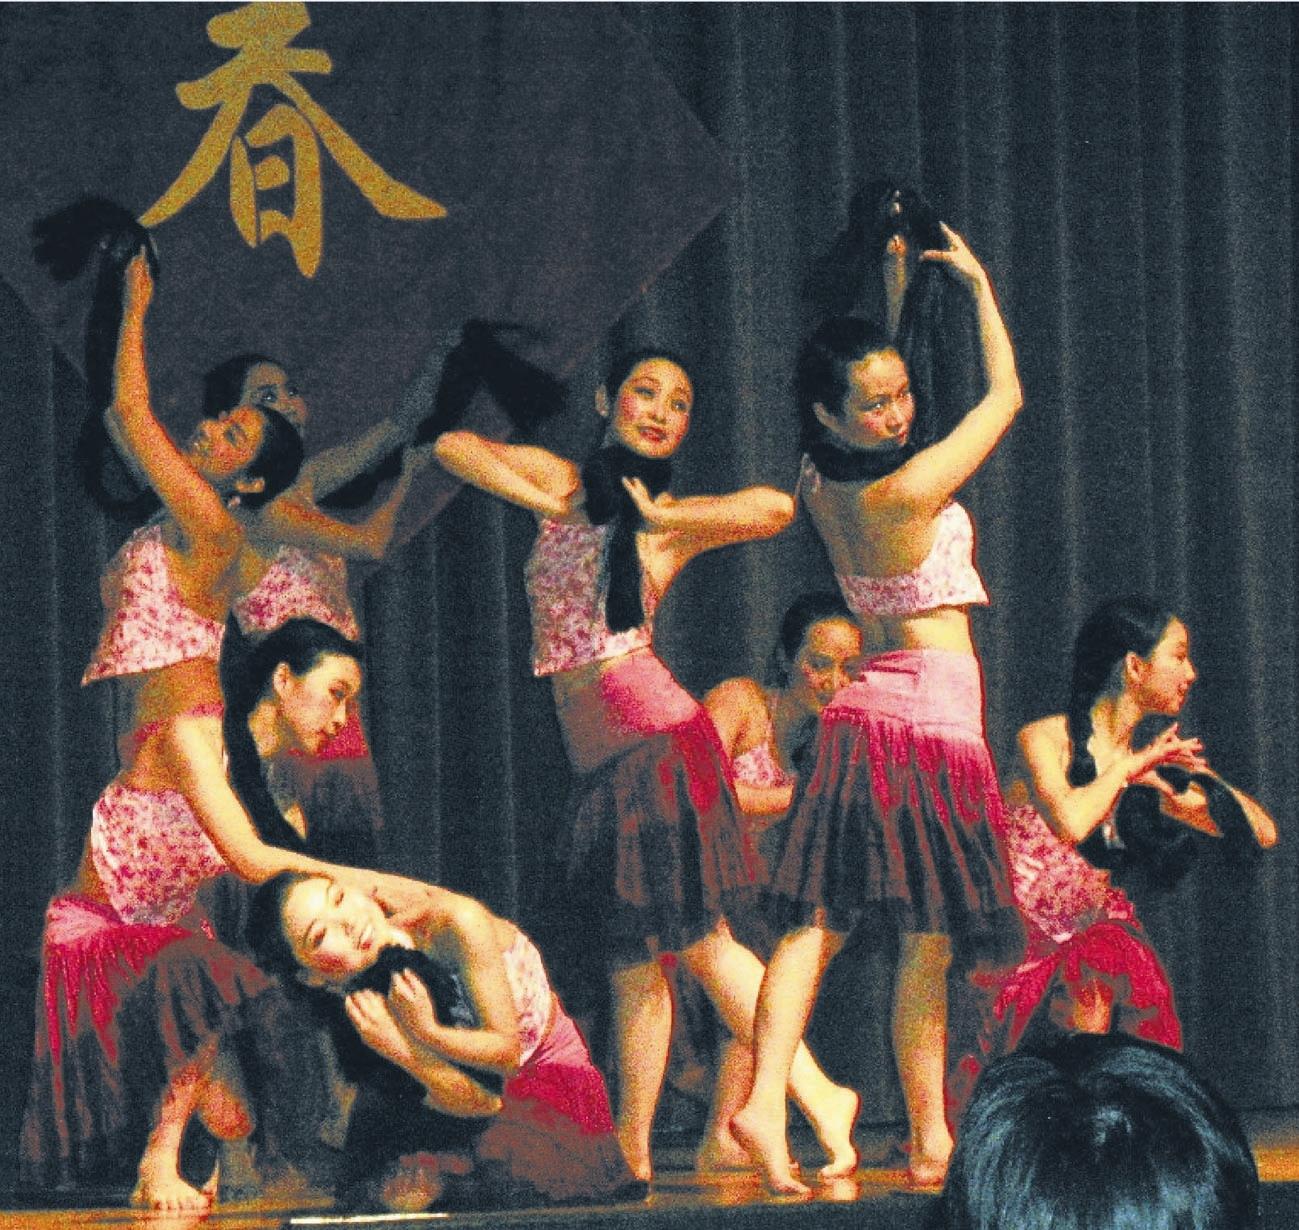 五人舞蹈结束动作; 街舞舞蹈